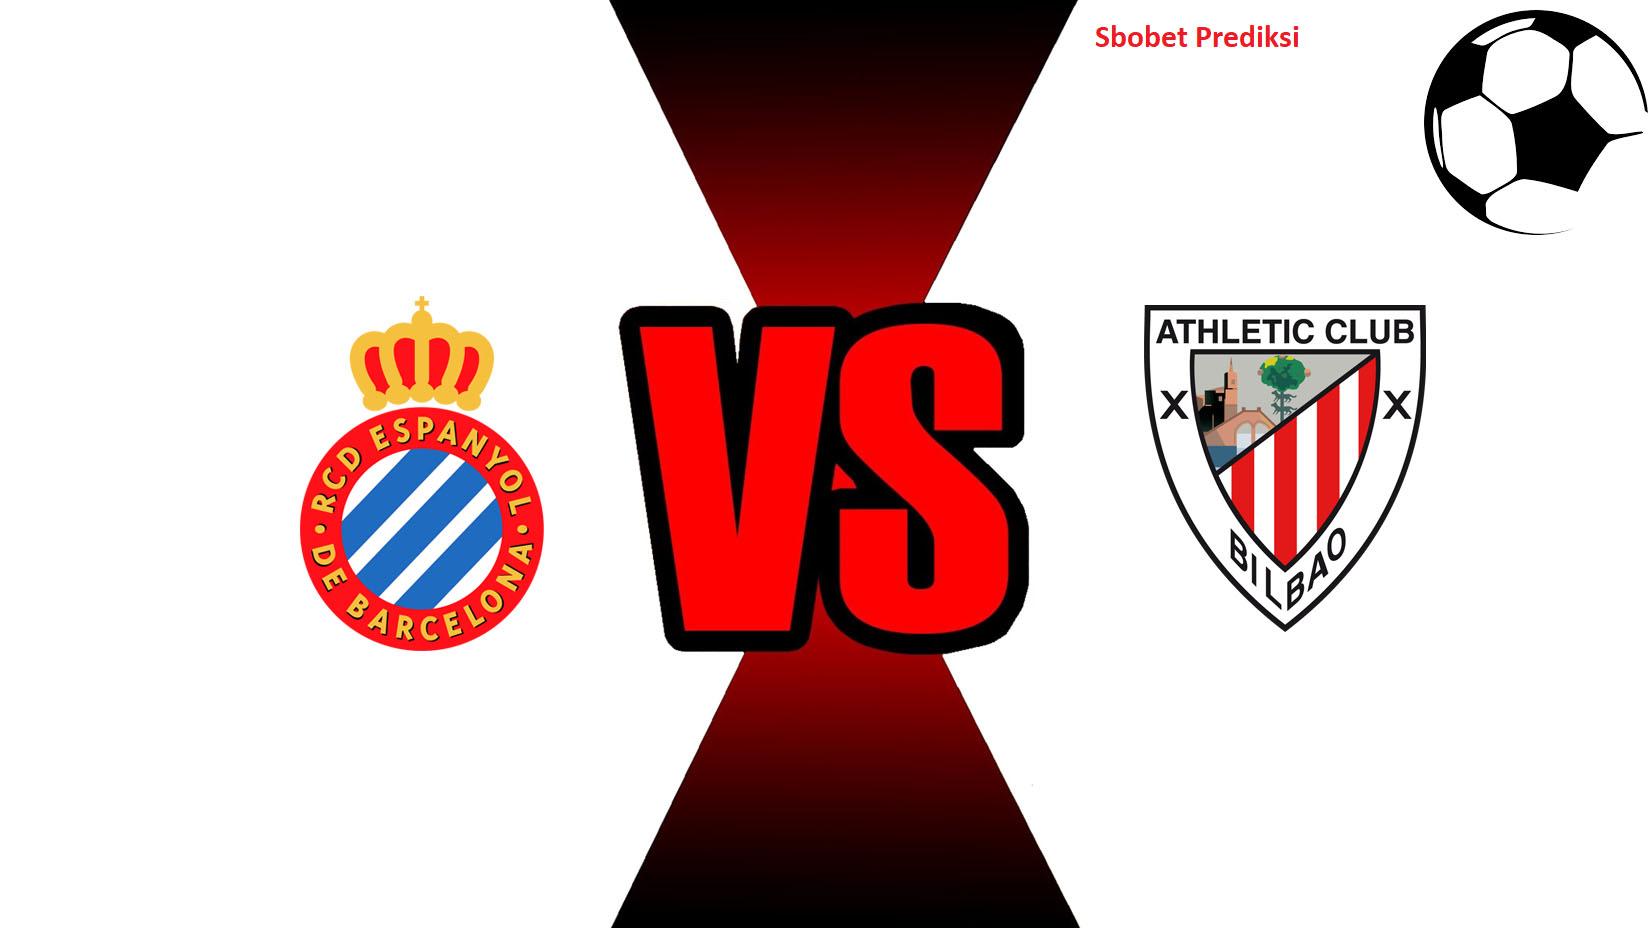 Prediksi Skor Bola Online Espanyol vs Athletico Bilbao 6 November 2018